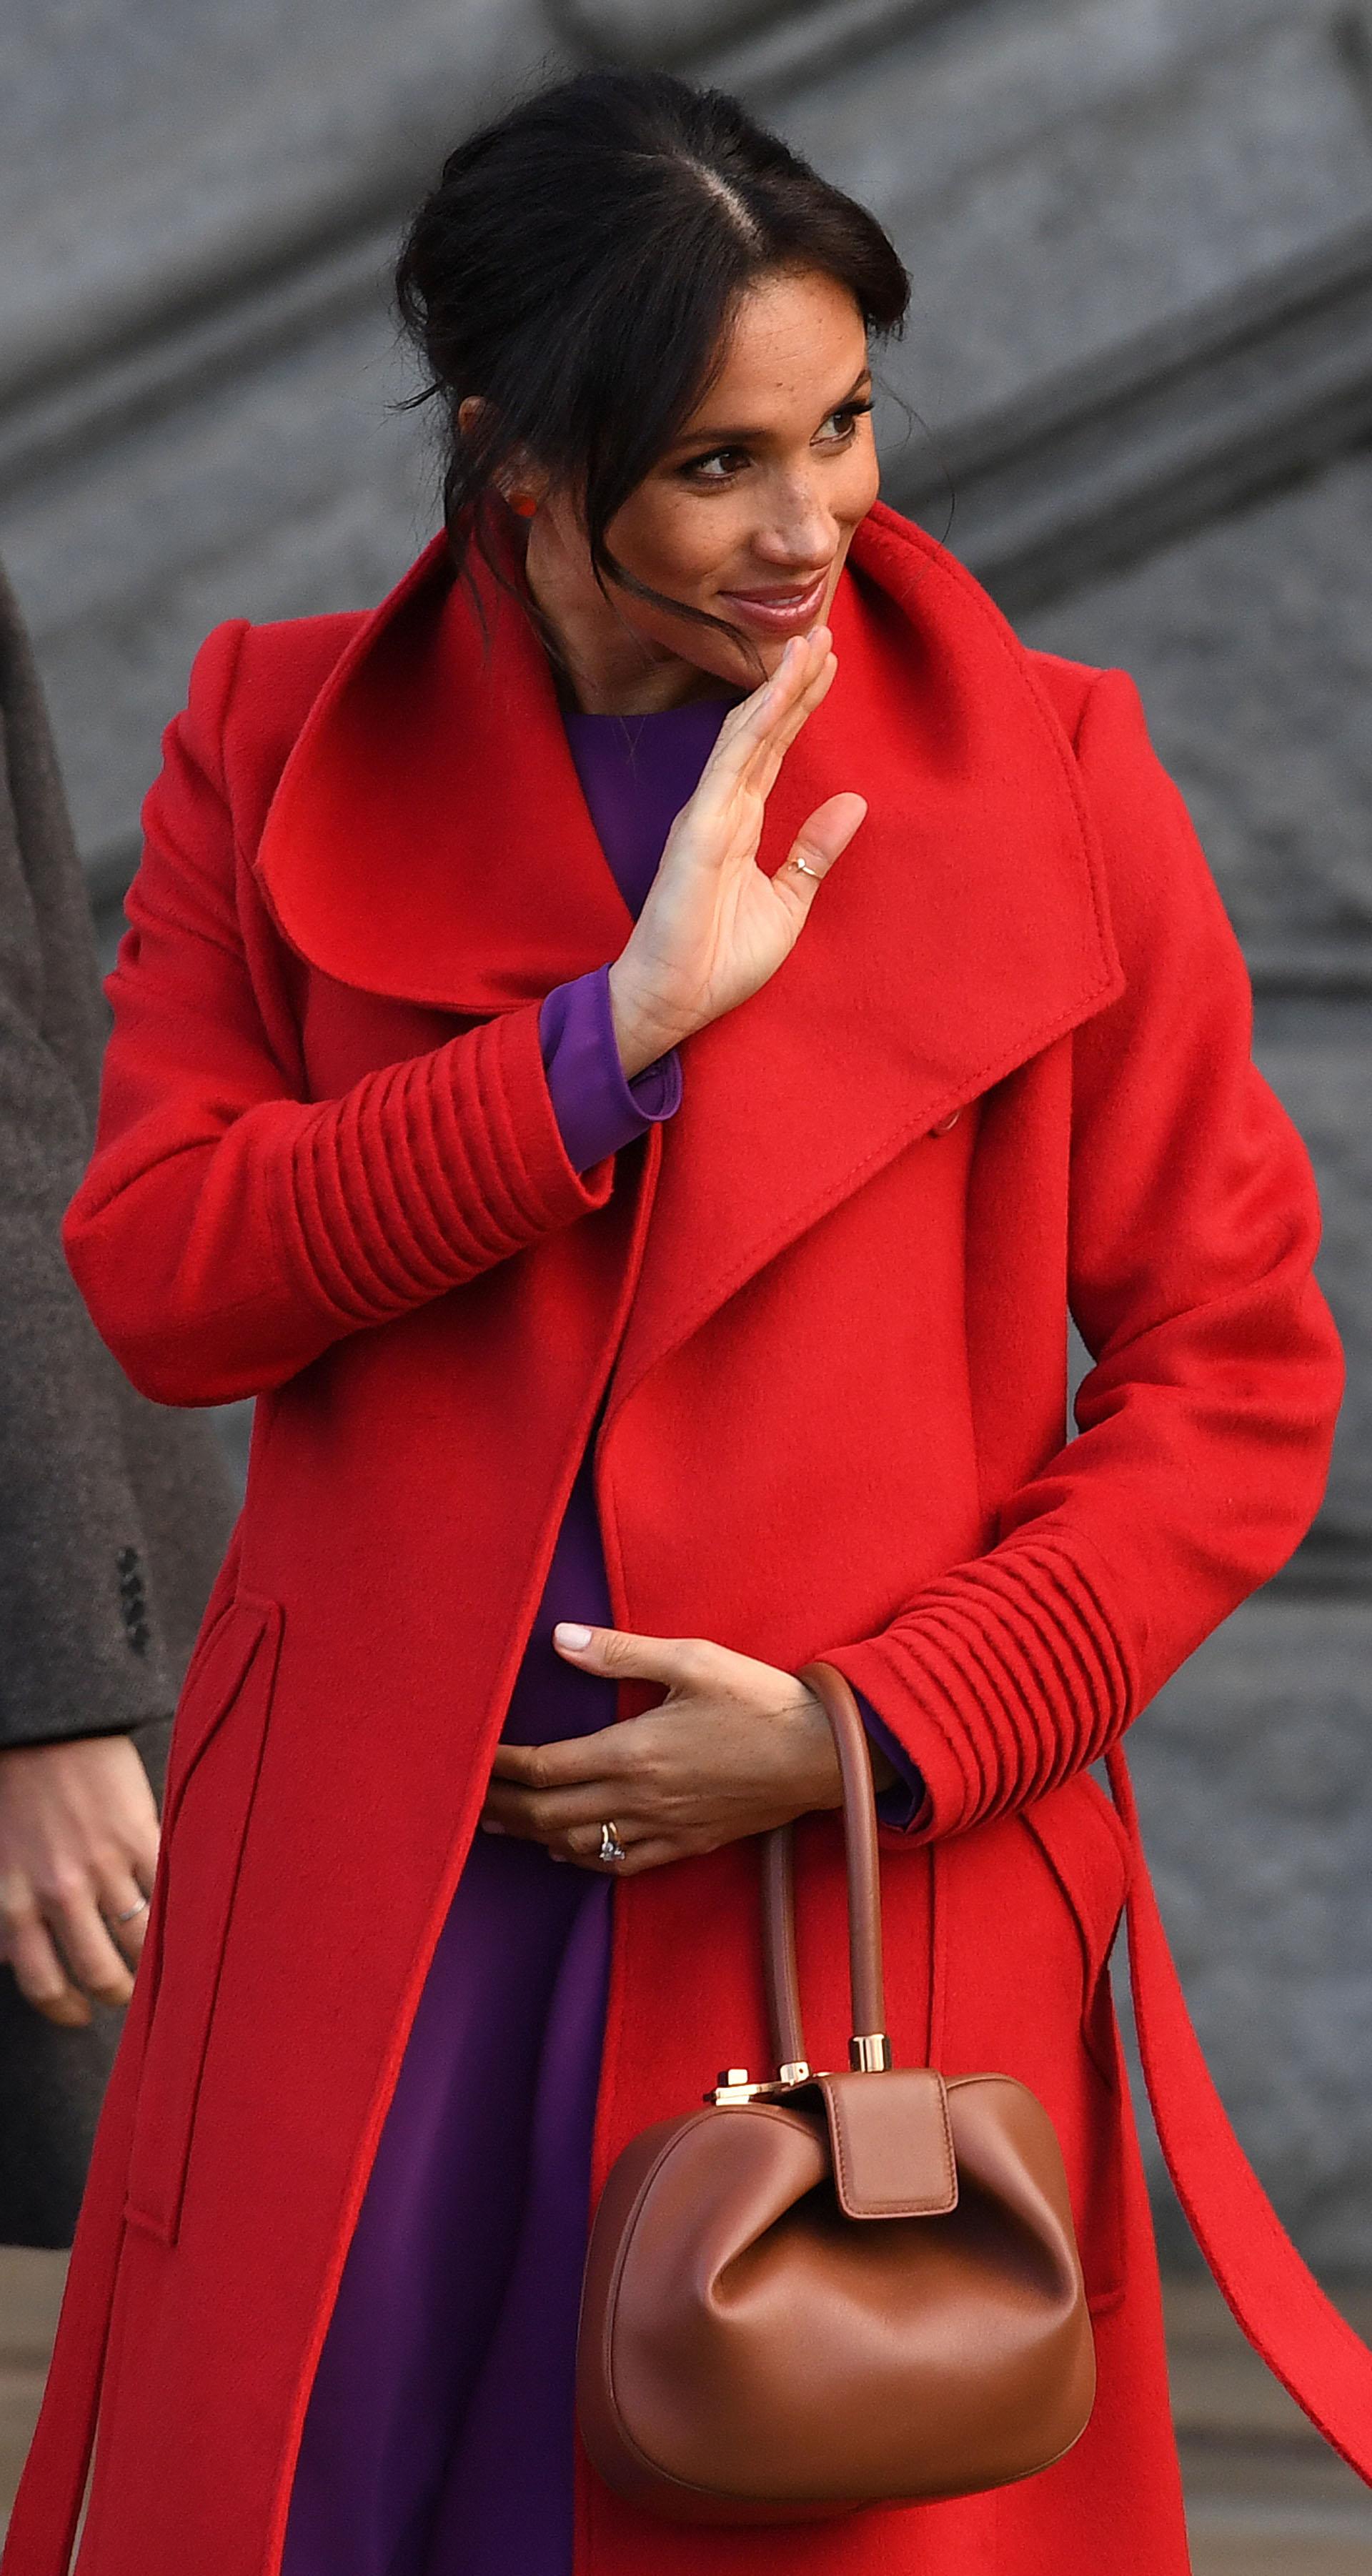 La duquesa de Sussex, lució su embarazo en la visita oficial al Birkenhead junto al príncipe Harry, y optó por un vestido violeta low cost de 50 dólares y un tapado rojo de Sentaler. Su look color block recordó mucho a dos outfits del mismo tono usados por la mamá del príncipe Harry (AFP)